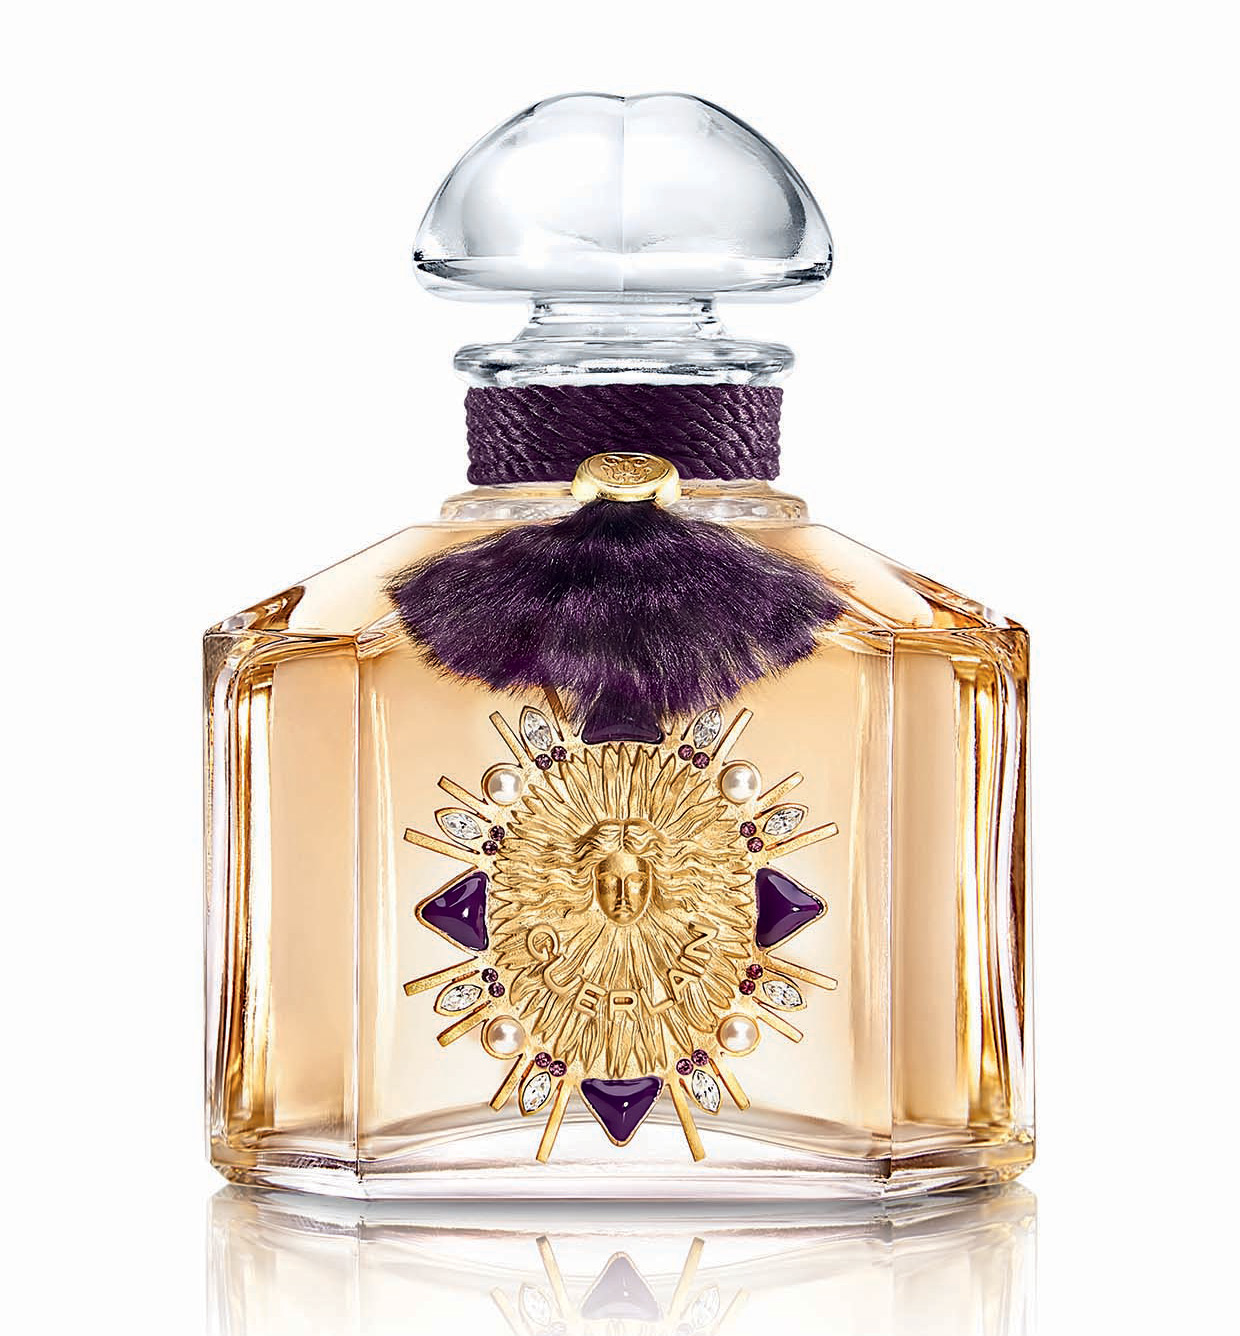 Parfums De Nouveaux Guerlain Bouquet Le Reine ~ La nw0Pk8O